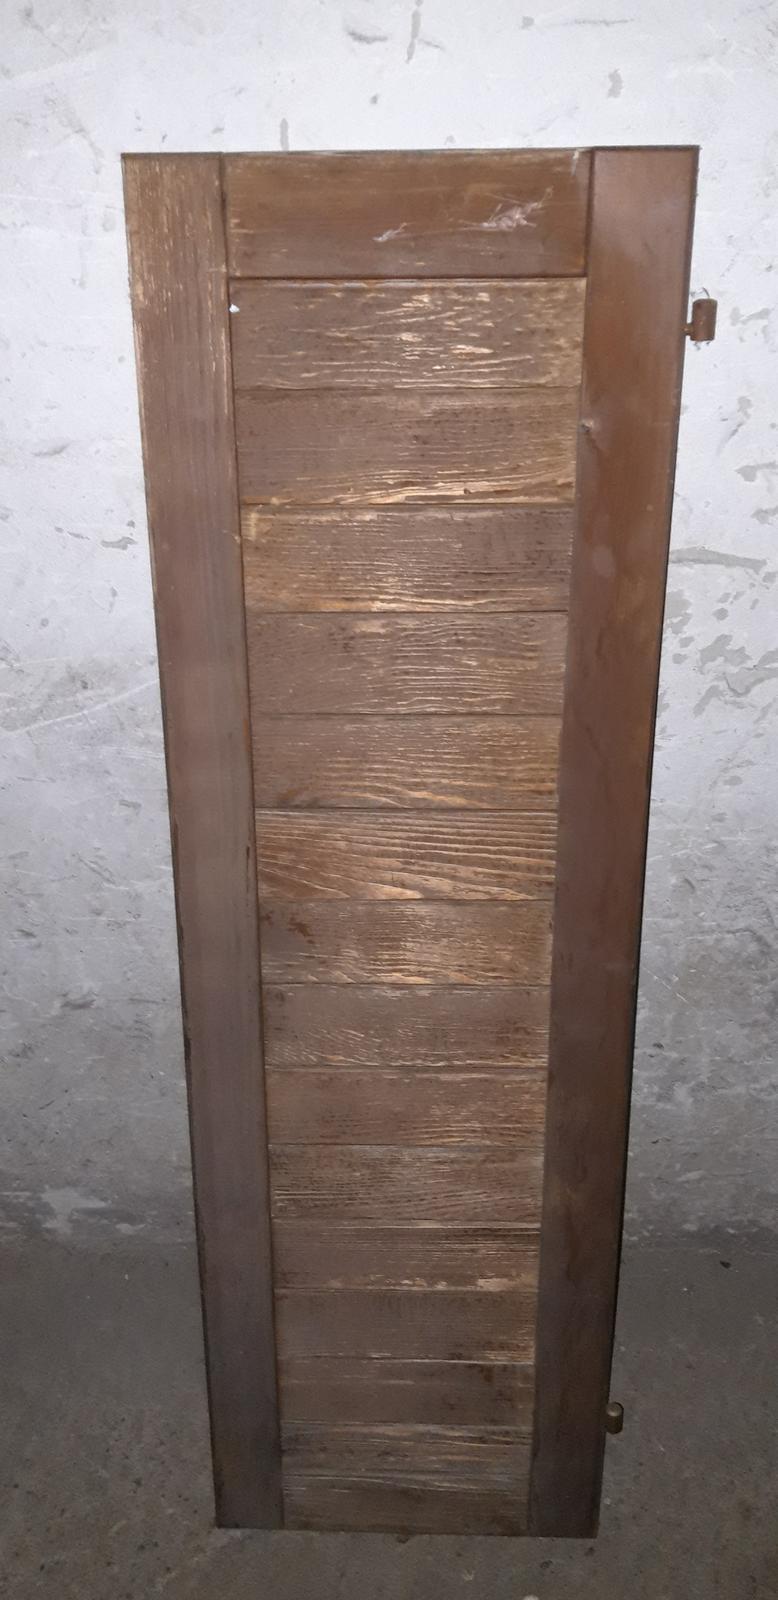 Drevena okenica - Obrázok č. 1